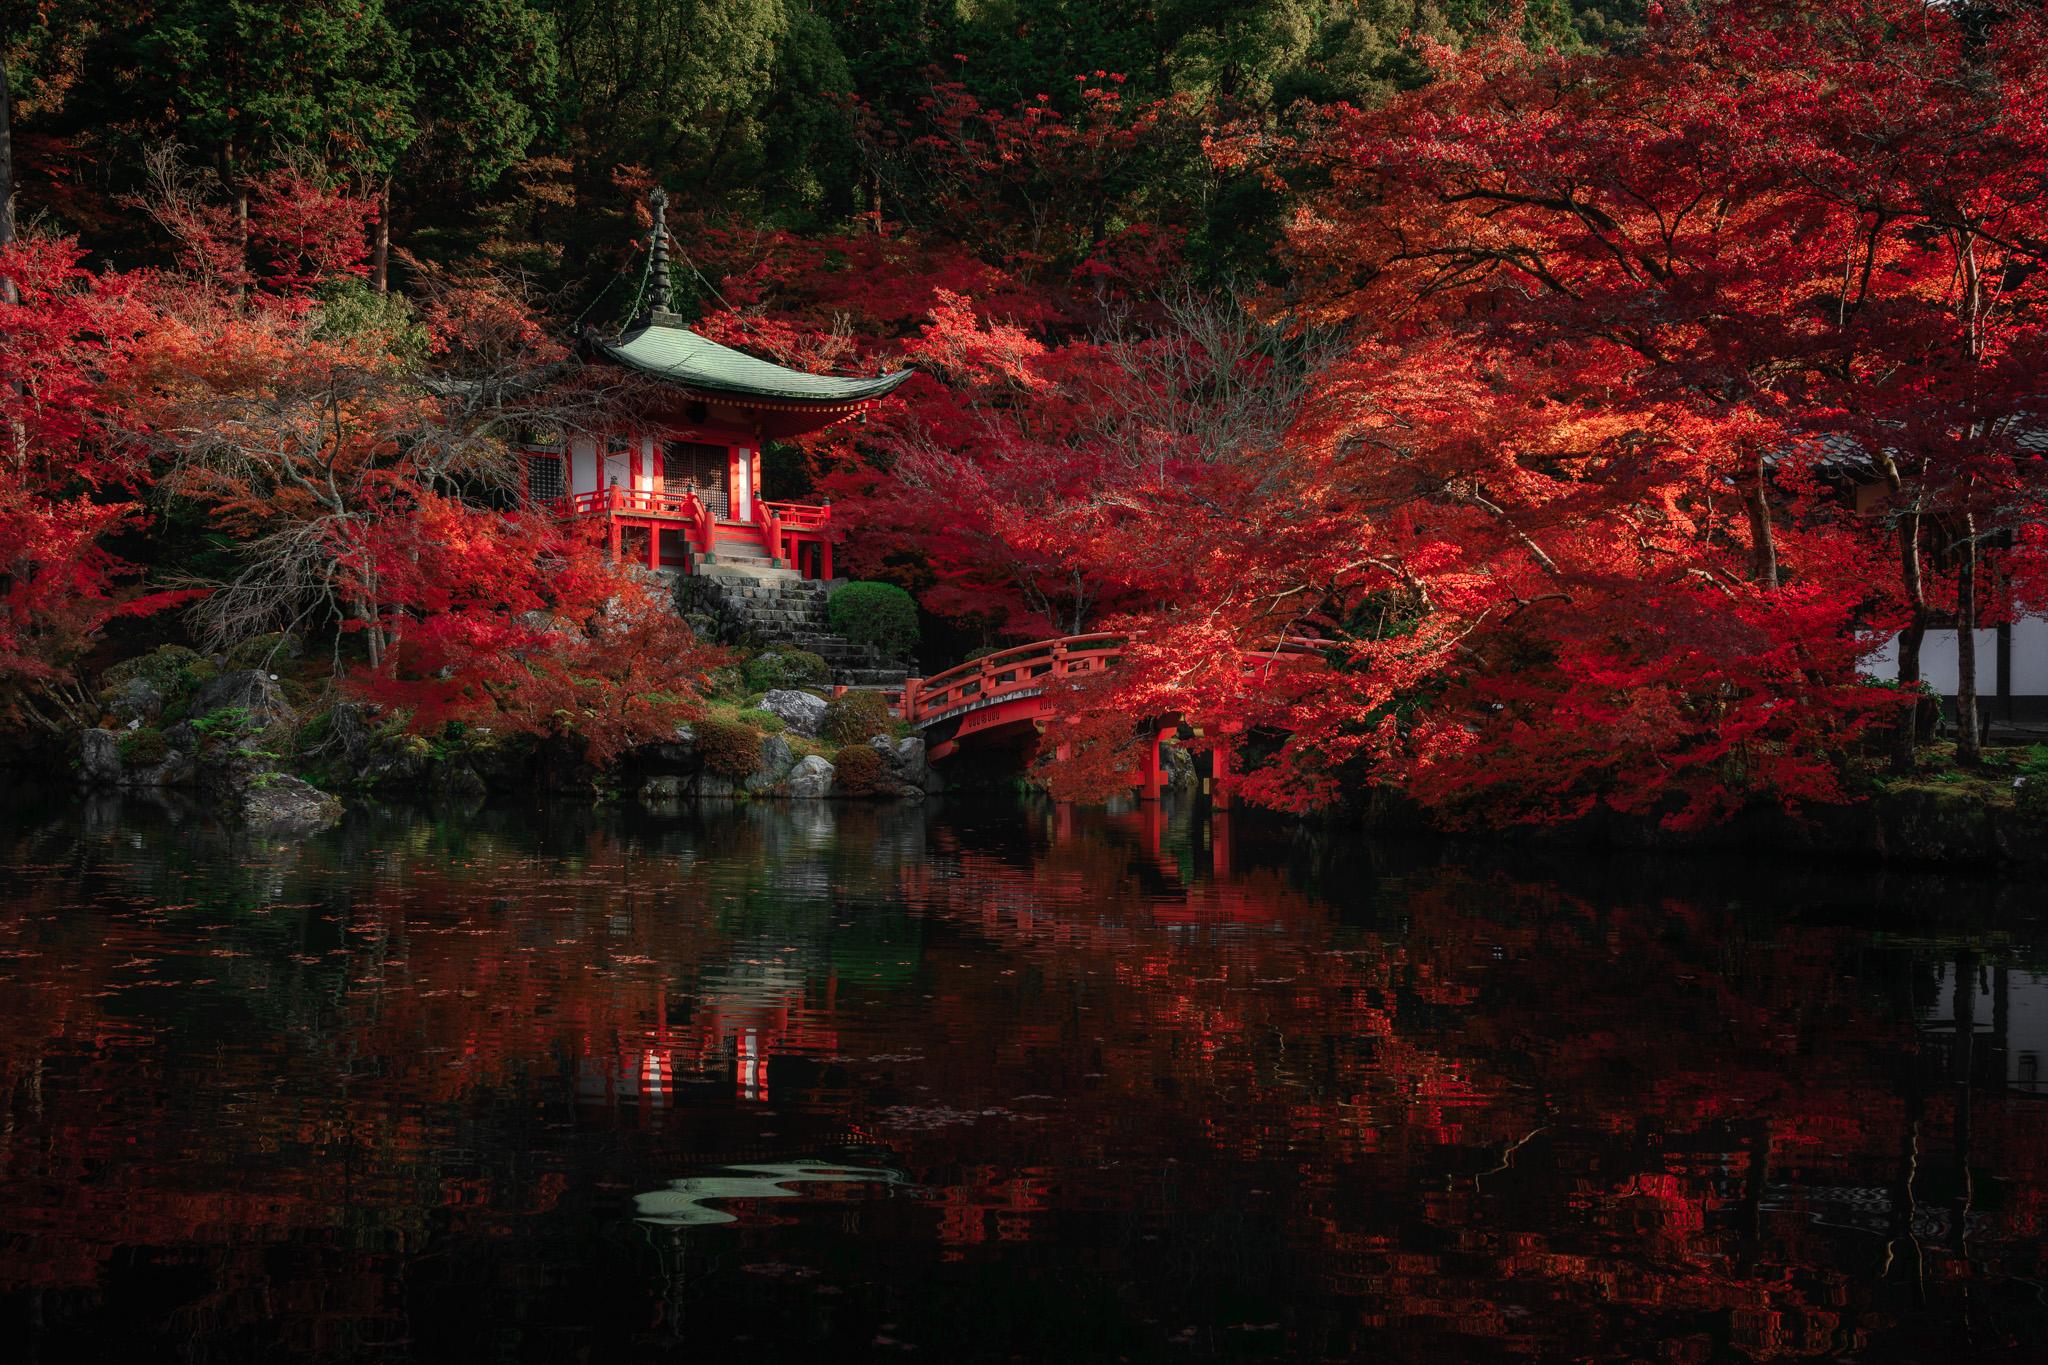 Japan Kyoto Autumn 2019